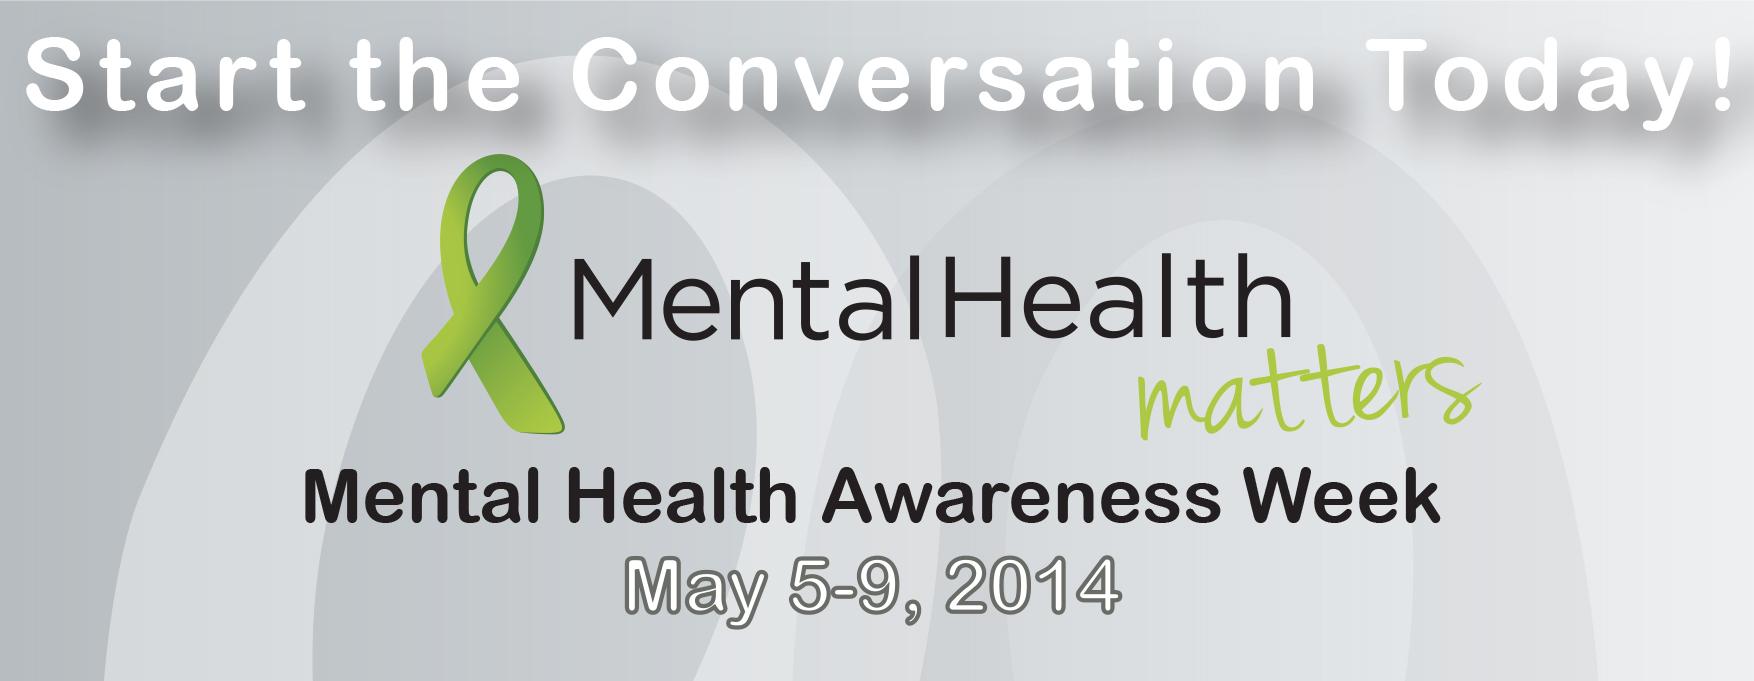 Mental-Health-Awareness-Week-2014-Alberta